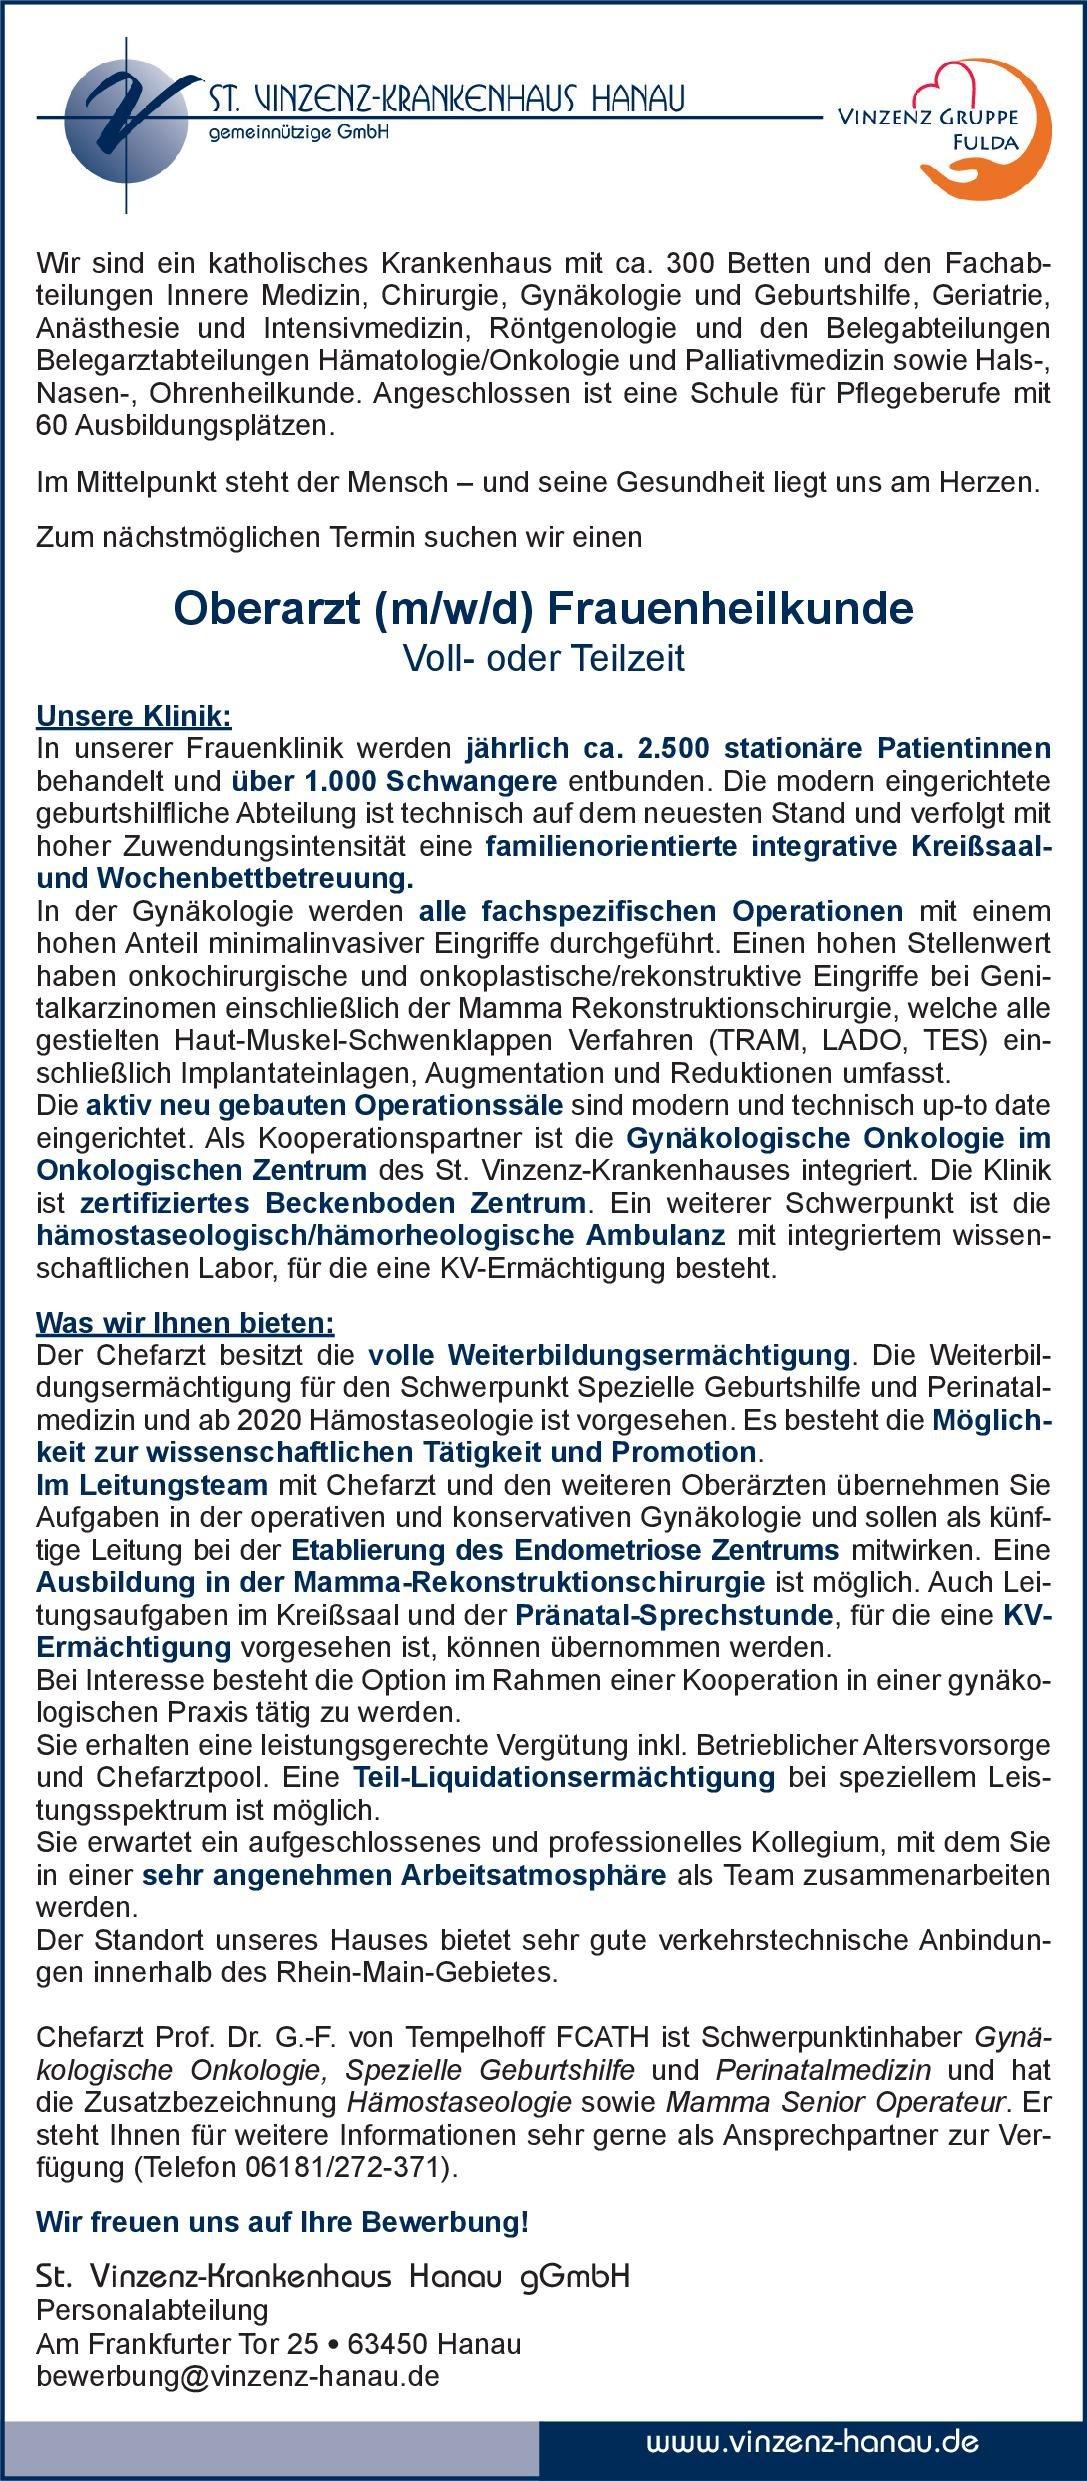 St. Vinzenz-Krankenhaus Hanau Oberarzt (m/w/d) Frauenheilkunde  Frauenheilkunde und Geburtshilfe, Frauenheilkunde und Geburtshilfe Oberarzt